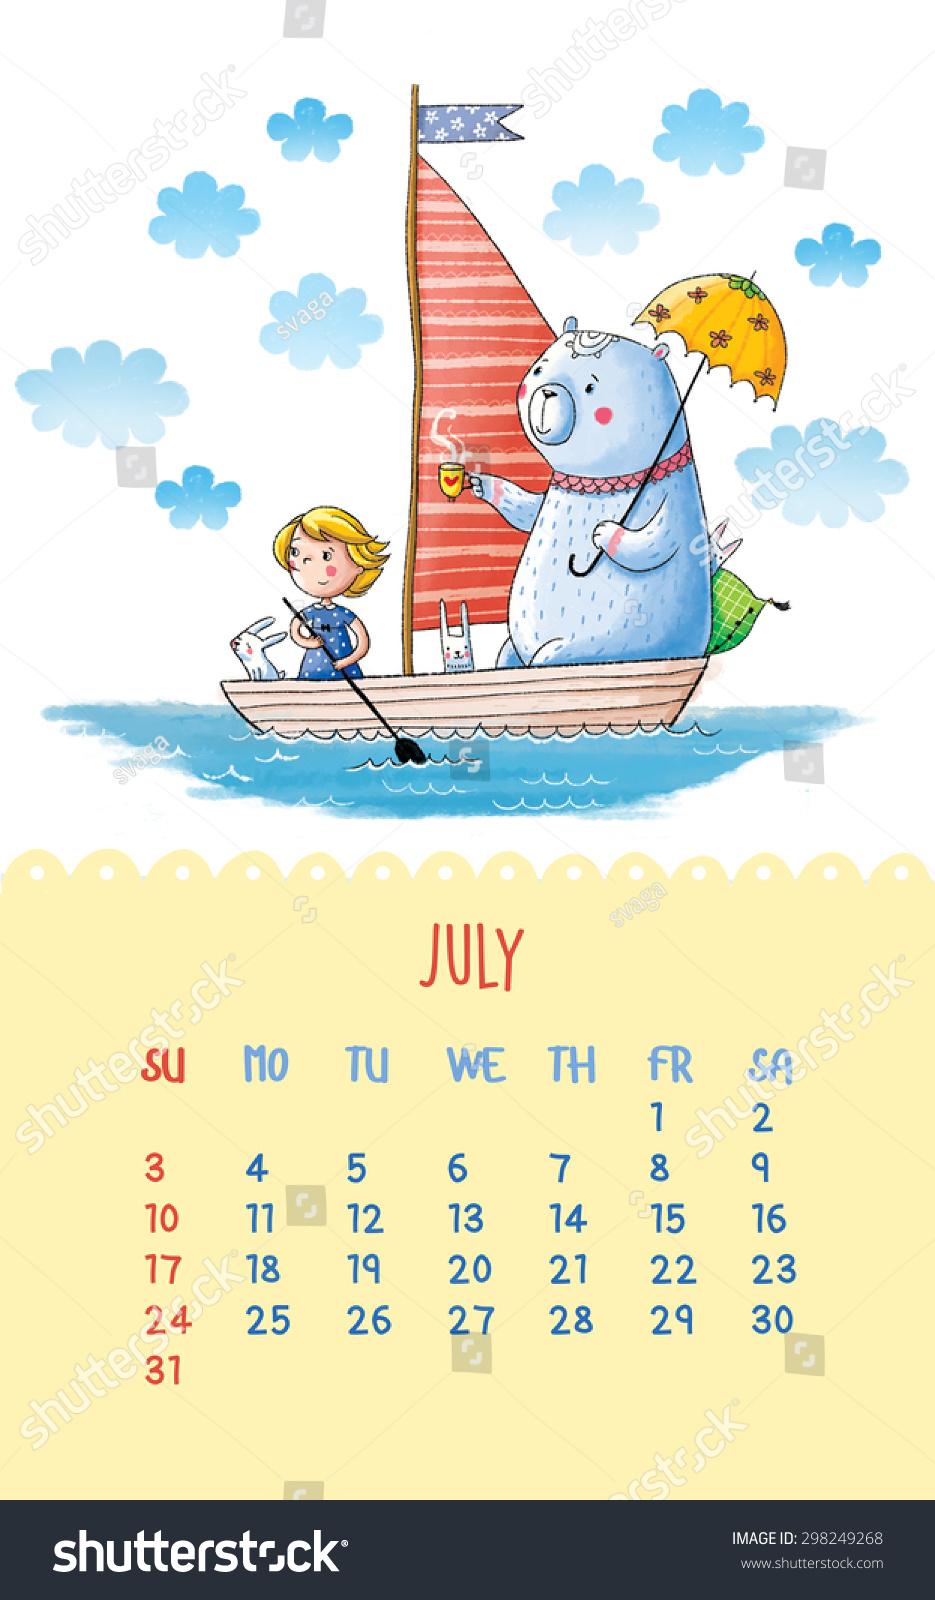 可爱的2016年日历与手绘插图.7月.卡通插图与贝尔和.